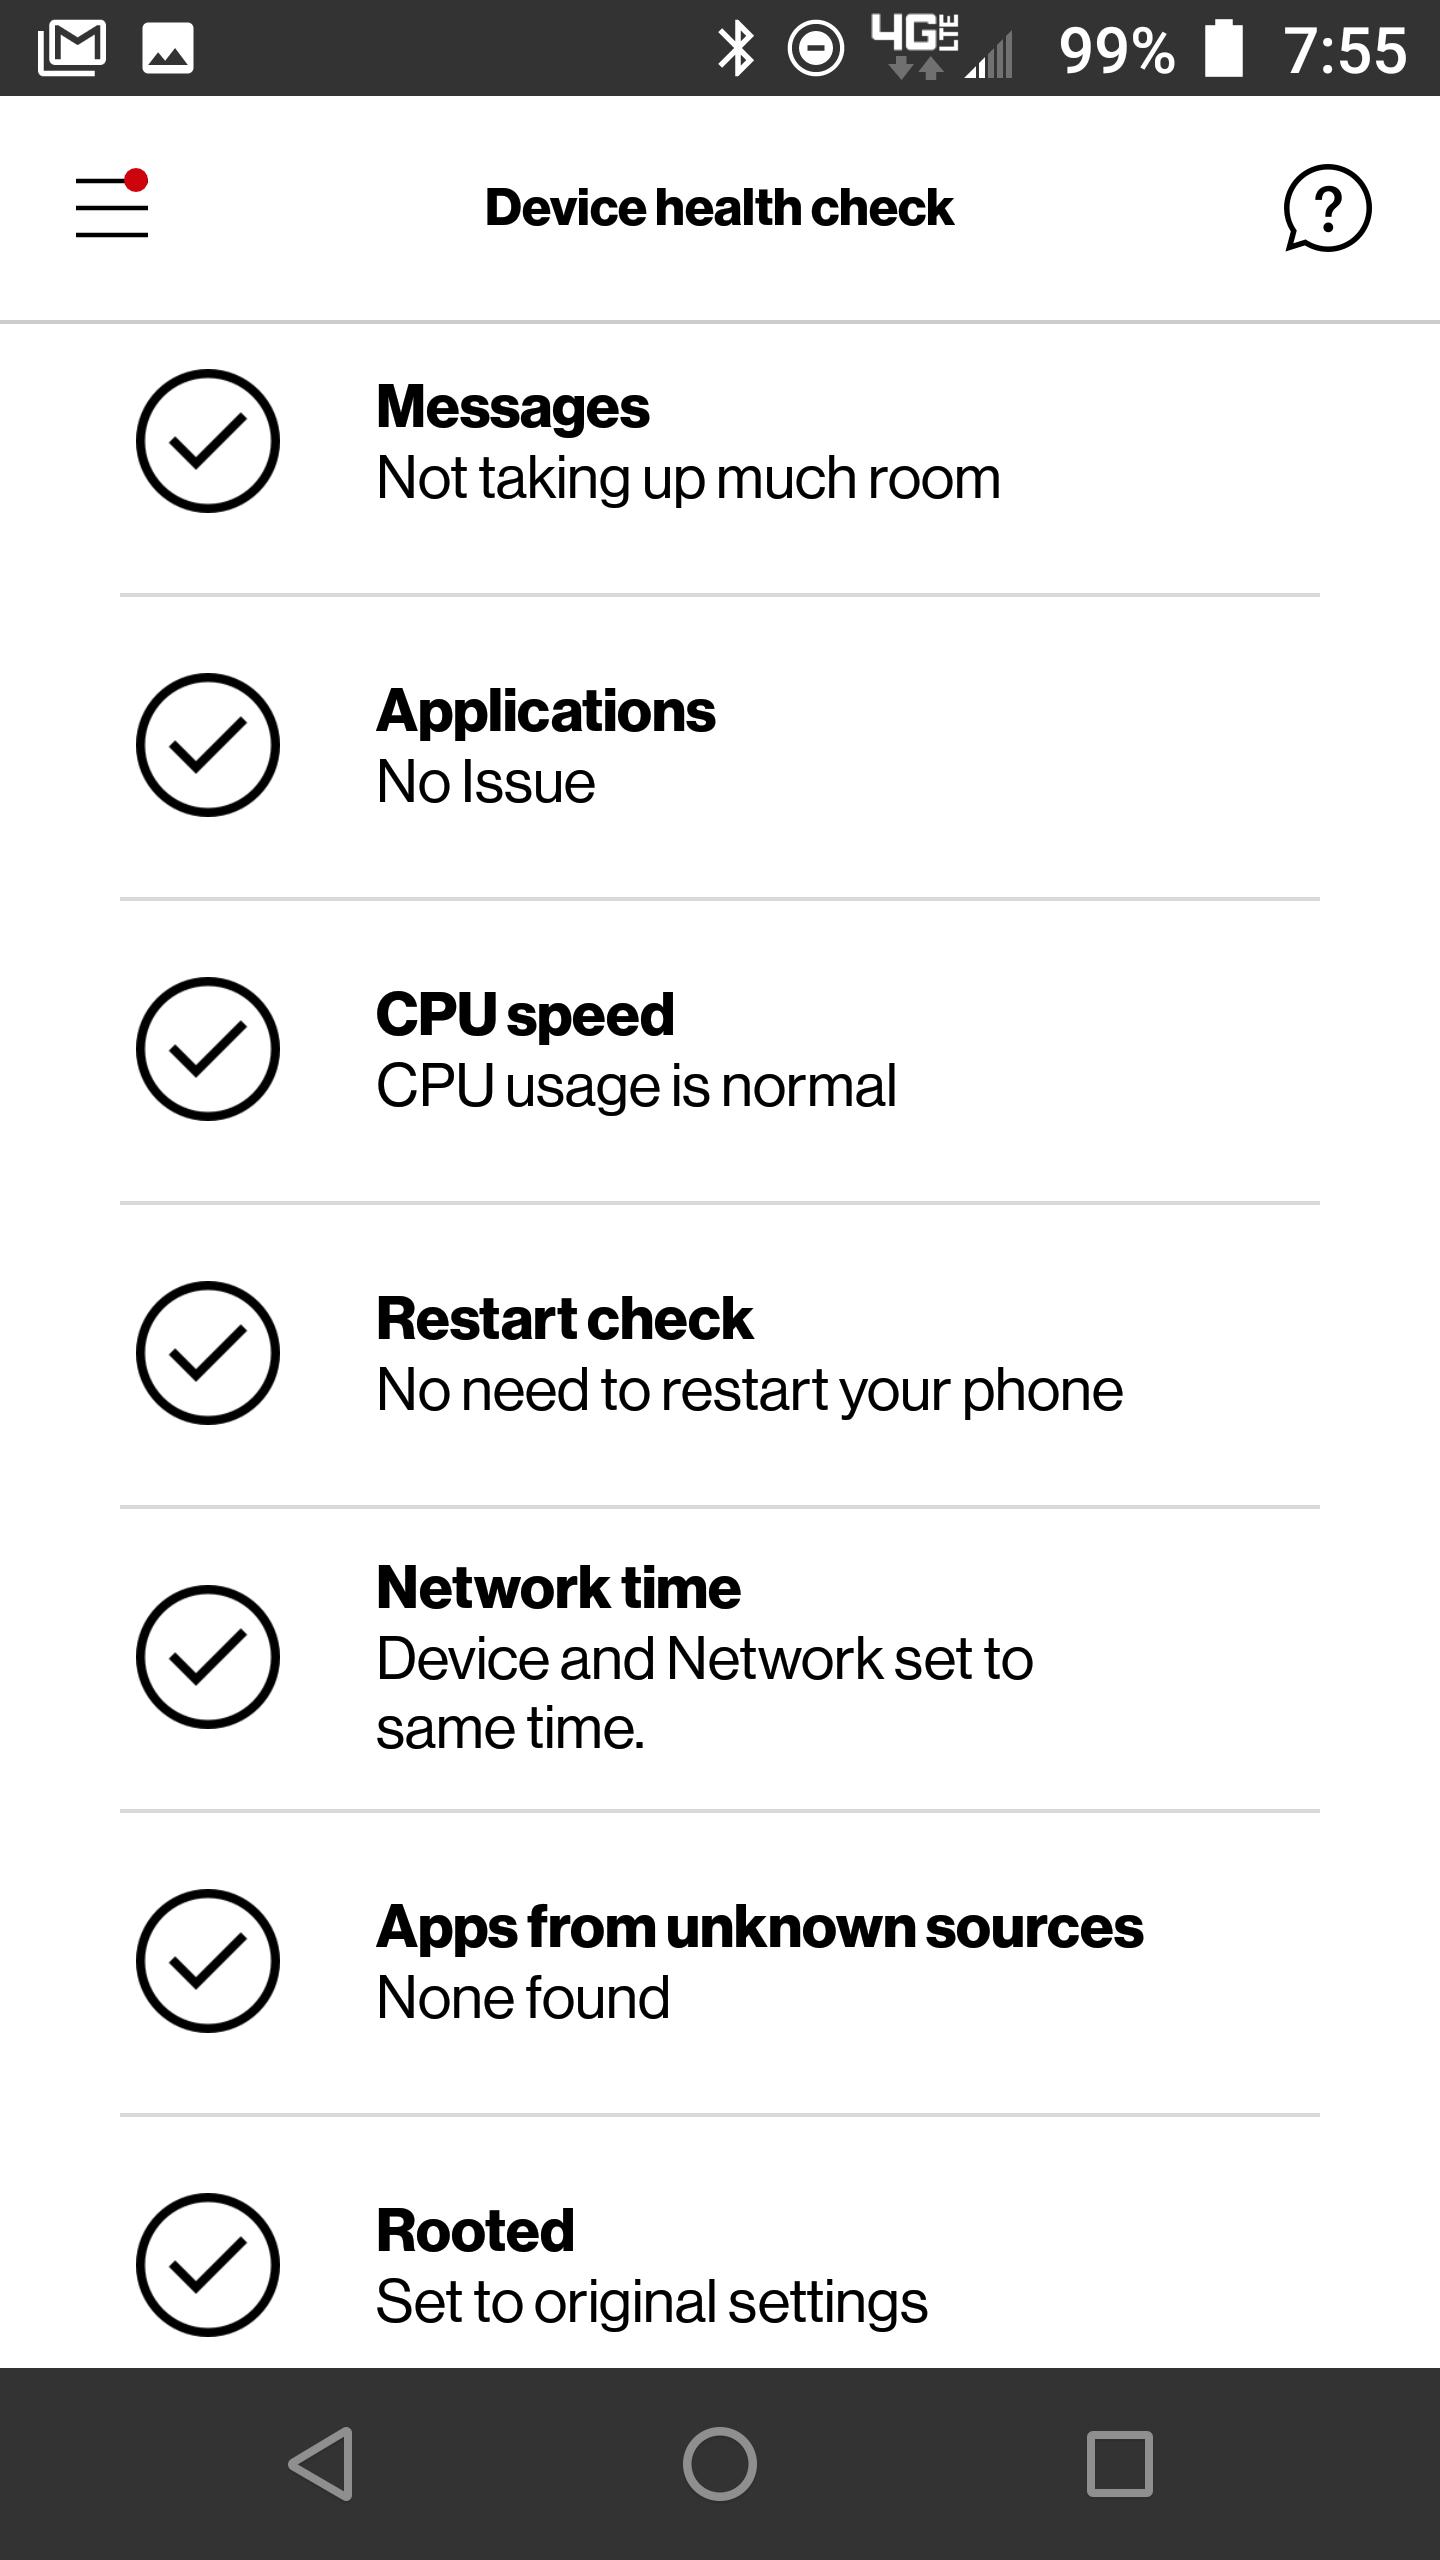 Oreo Update Ruined Awesome Phone! (WiFi drops, run